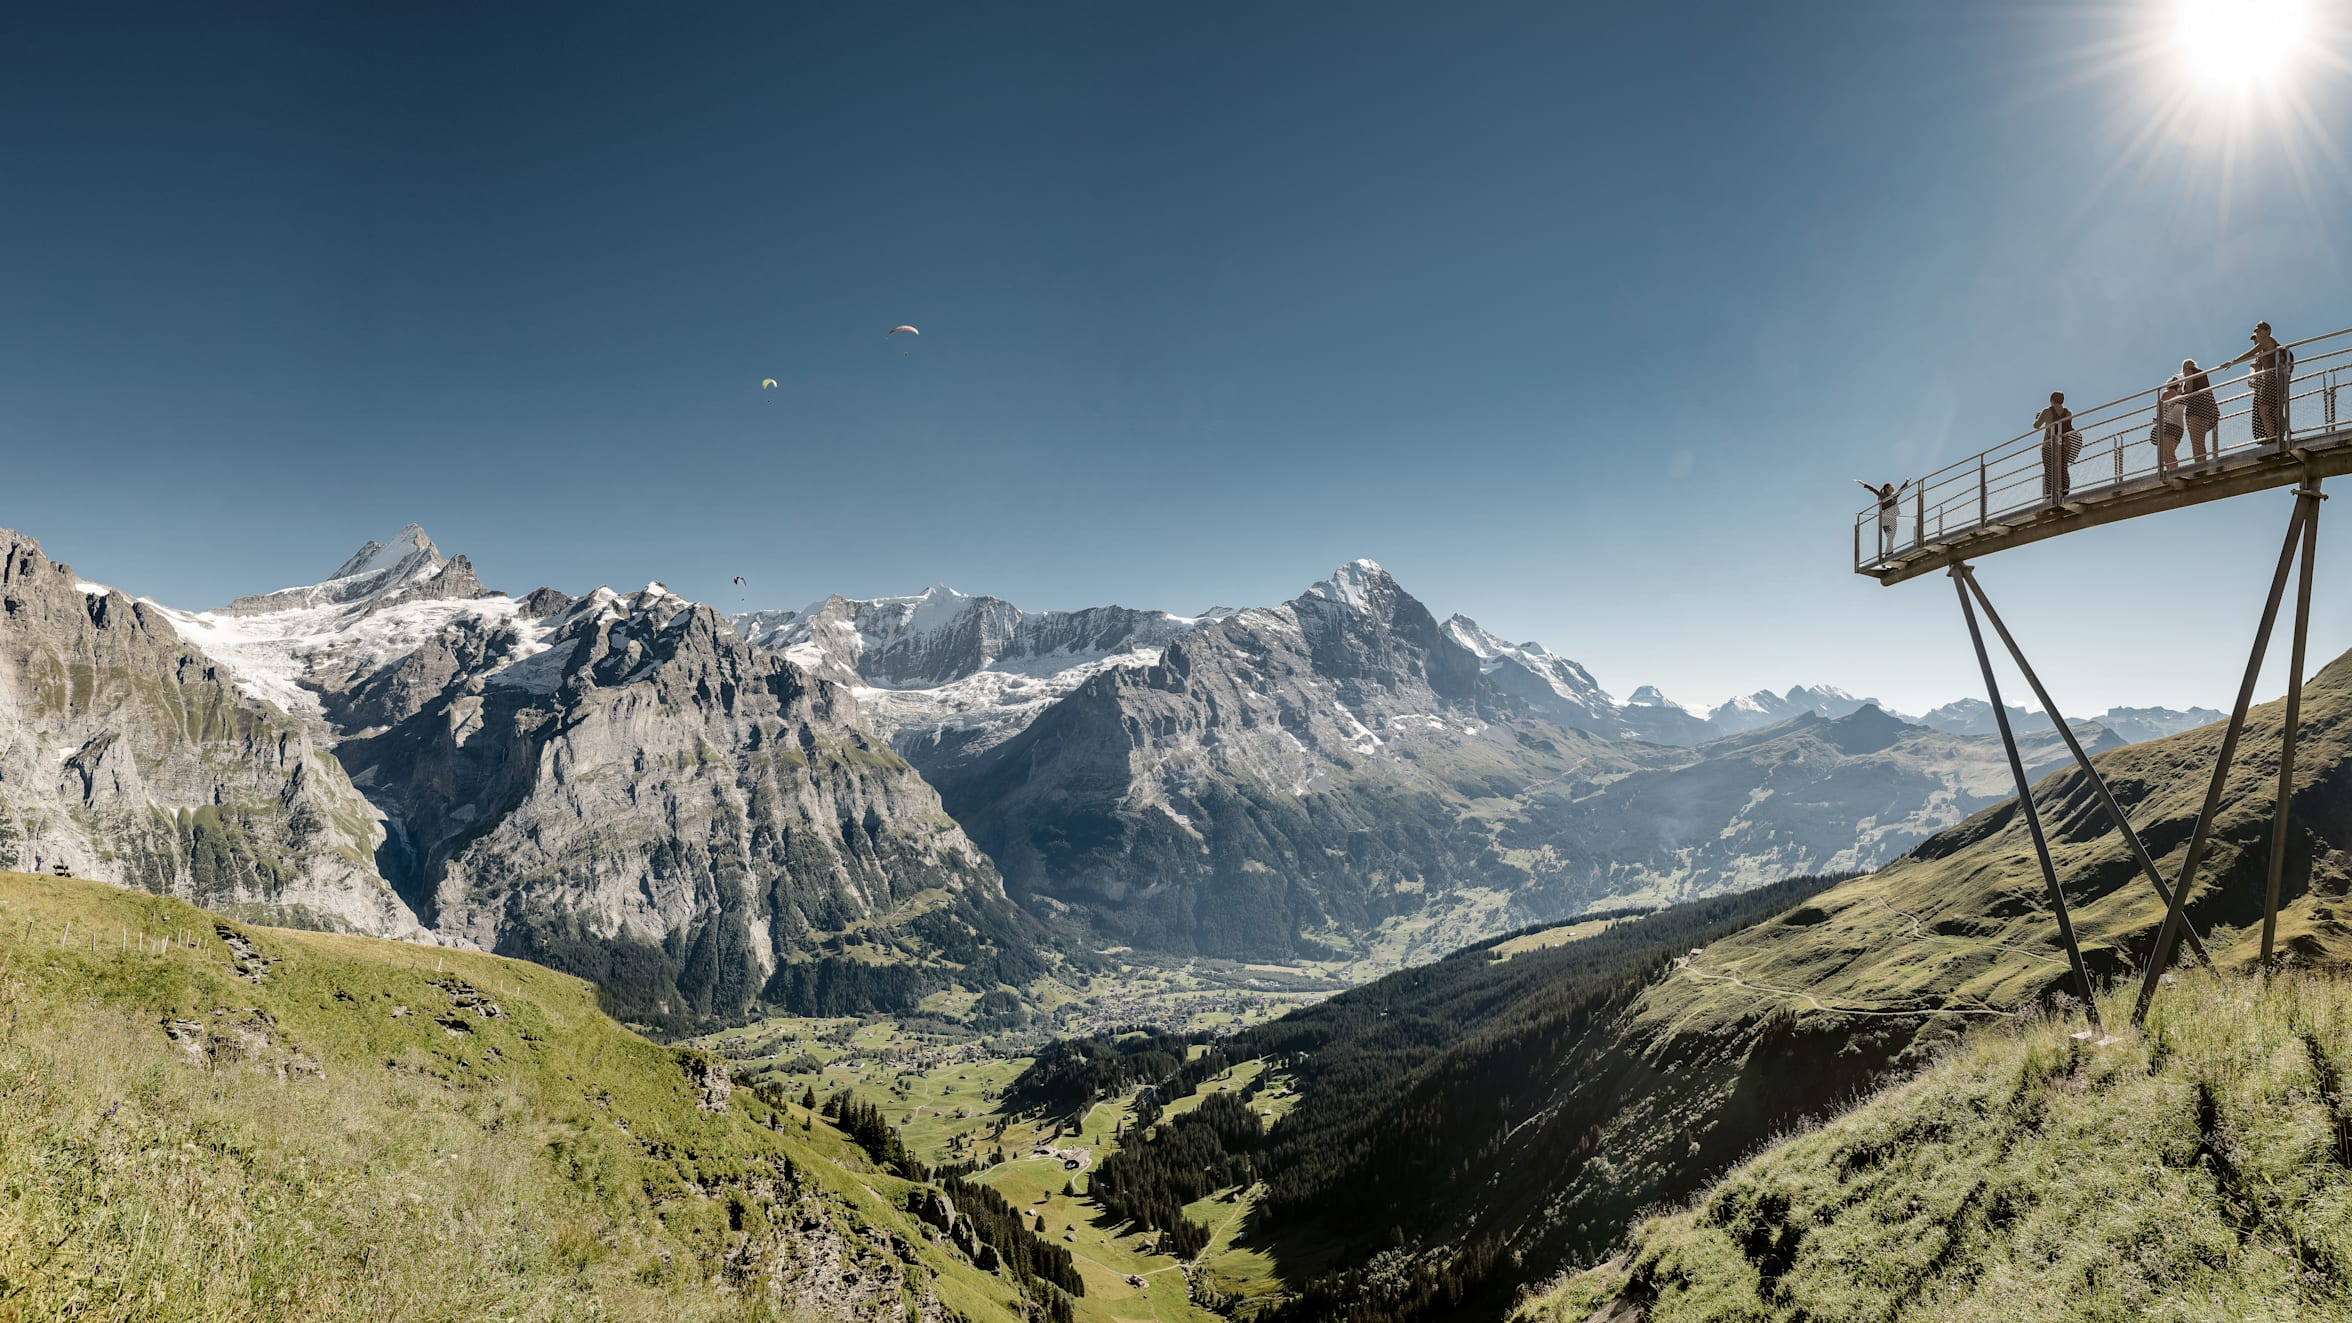 格林德瓦 菲斯特悬崖步道 高空滑翔伞